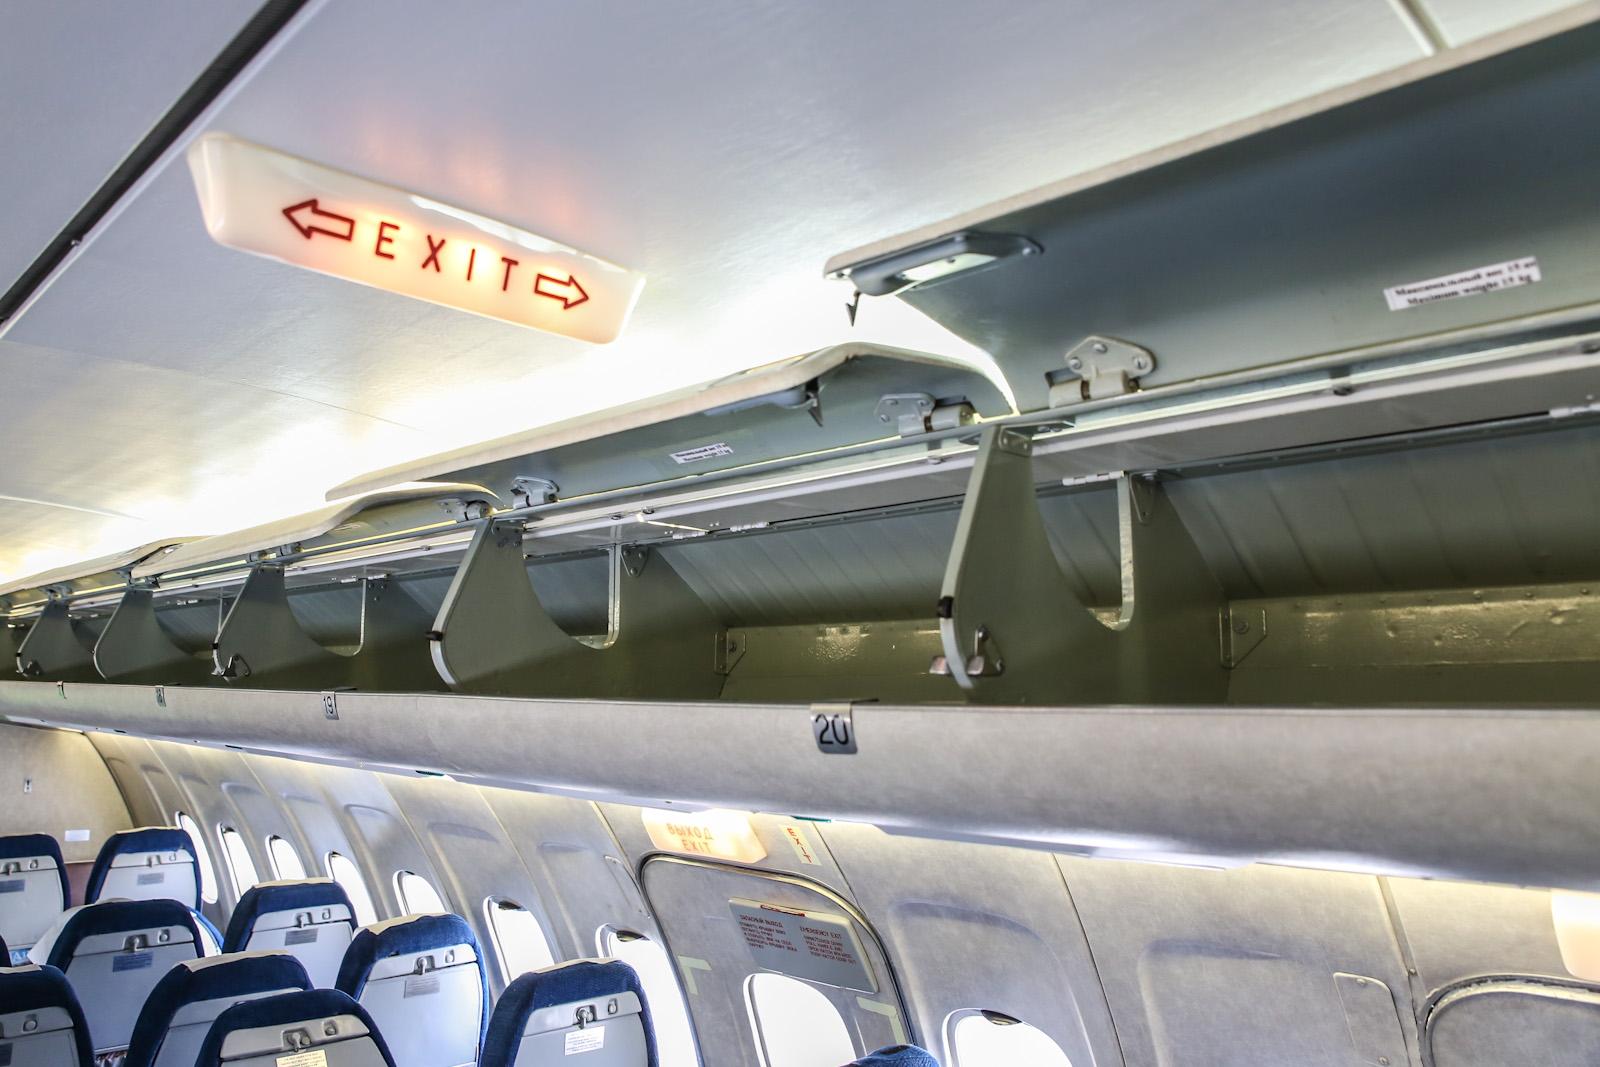 Багажные полки самолета Ту-154М авиакомпании